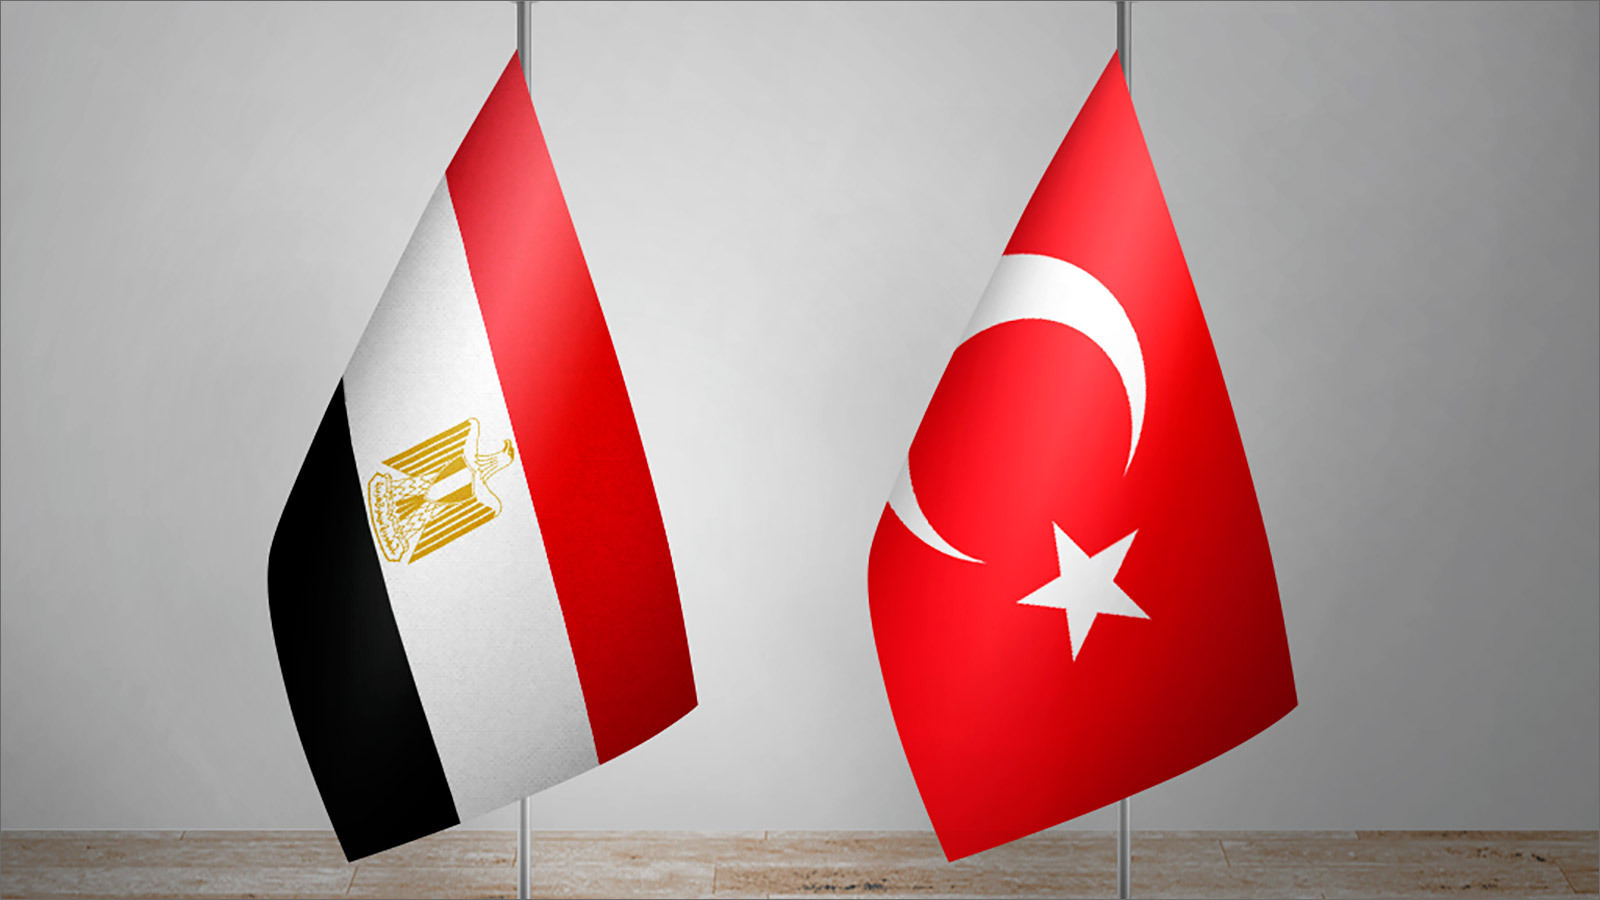 رئيس الوزراء المصري يشكر أردوغان على الجهود التي بذلها خلال رئاسة تركيا الدورية لمجموعة الثماني